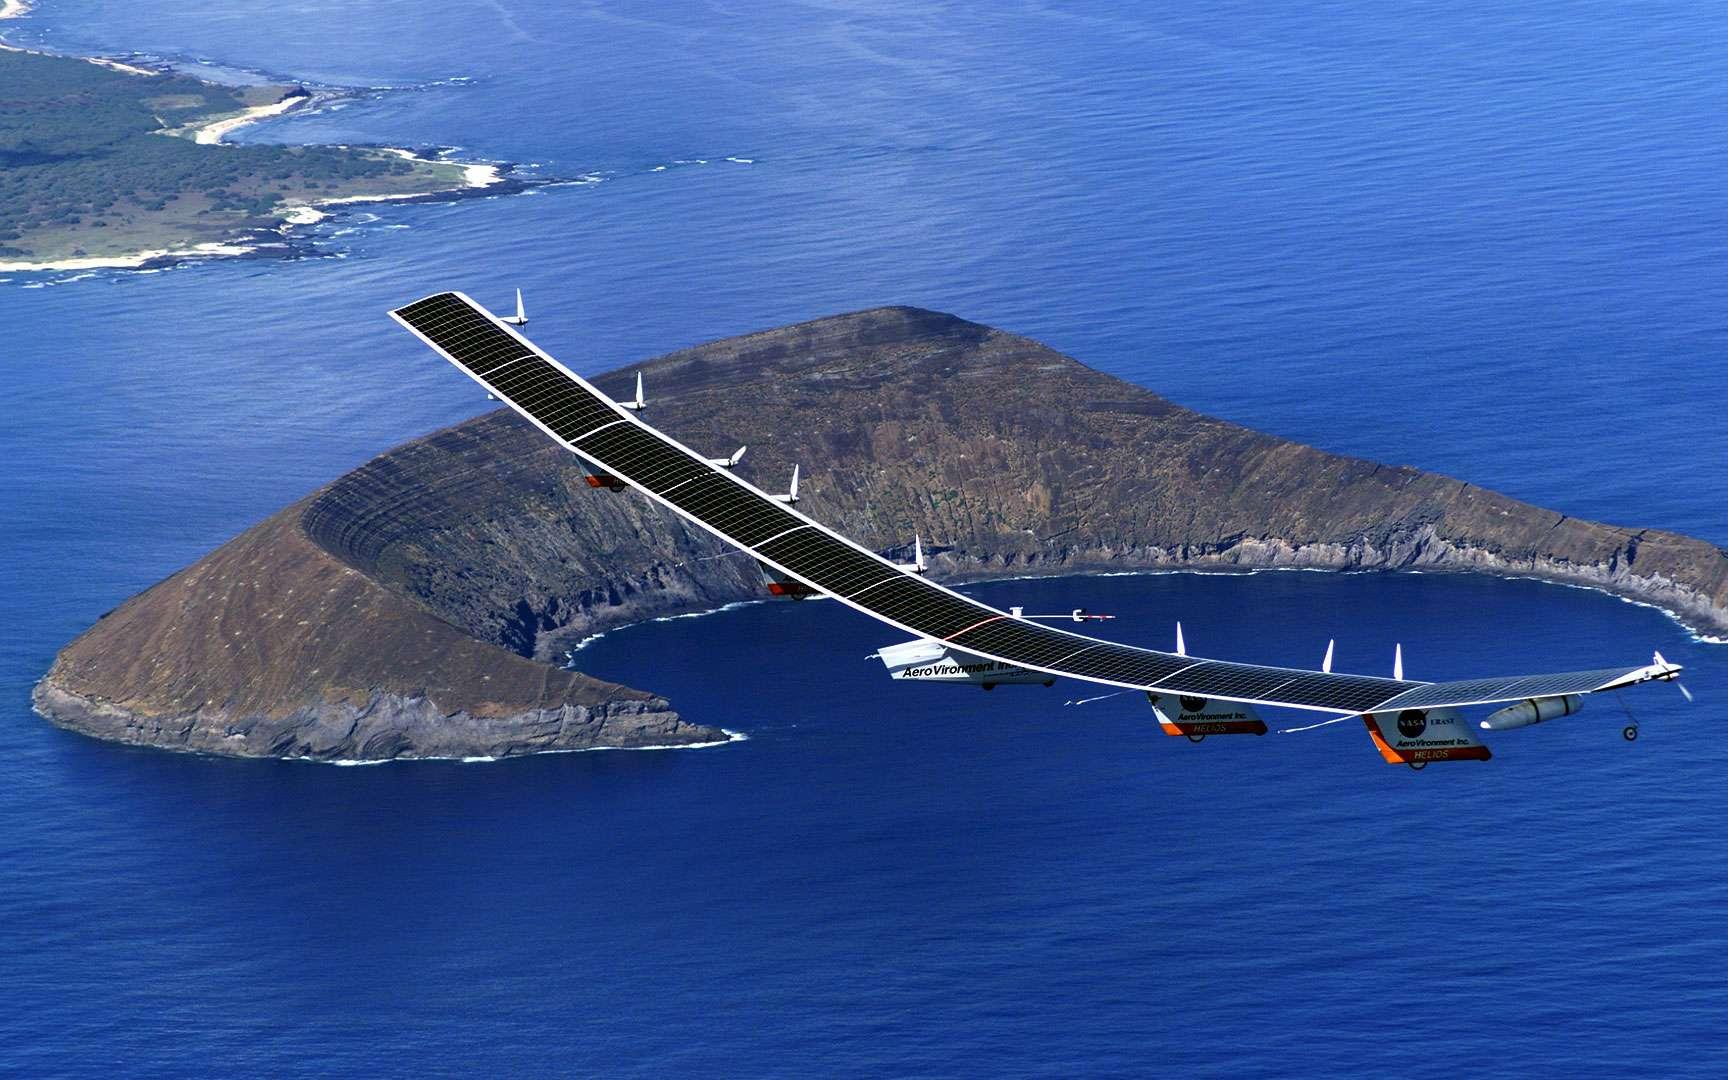 …toujours plus haut. Désormais, c'est l'aviation qui cherche à devenir plus verte, car si elles reste dépendante du pétrole, elle risque de se retrouver clouer au sol. Efficacité énergétique, agrocarburant, gaz naturel et même énergie solaire, elle tente tout, comme le montre ce vol du Centurion, l'avion solaire de la Nasa. Crédit: Nasa/Brent Wood